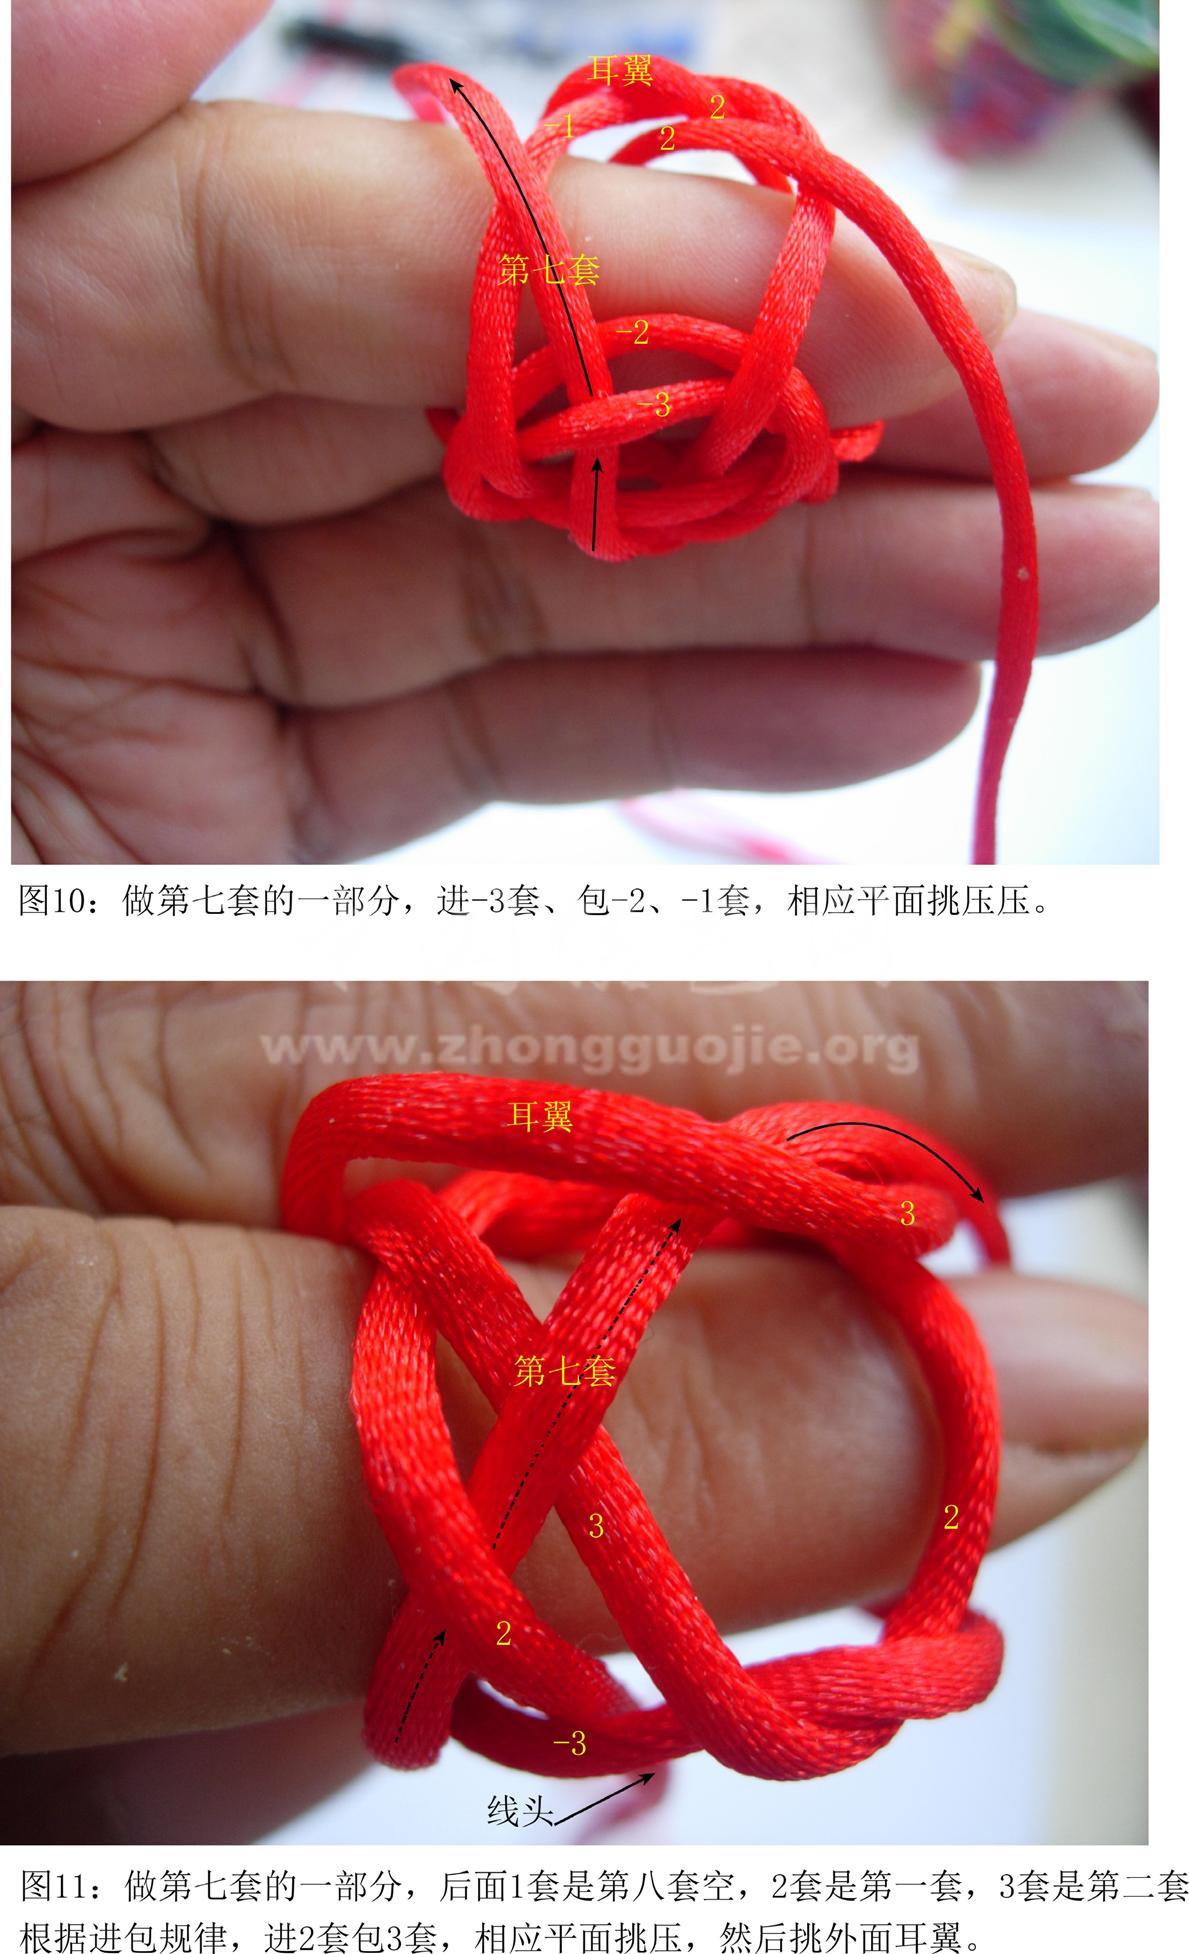 中国结论坛 8套1-2星辰结徒手编结过程  丑丑徒手编结 123512d08dze2dpdi5ennj